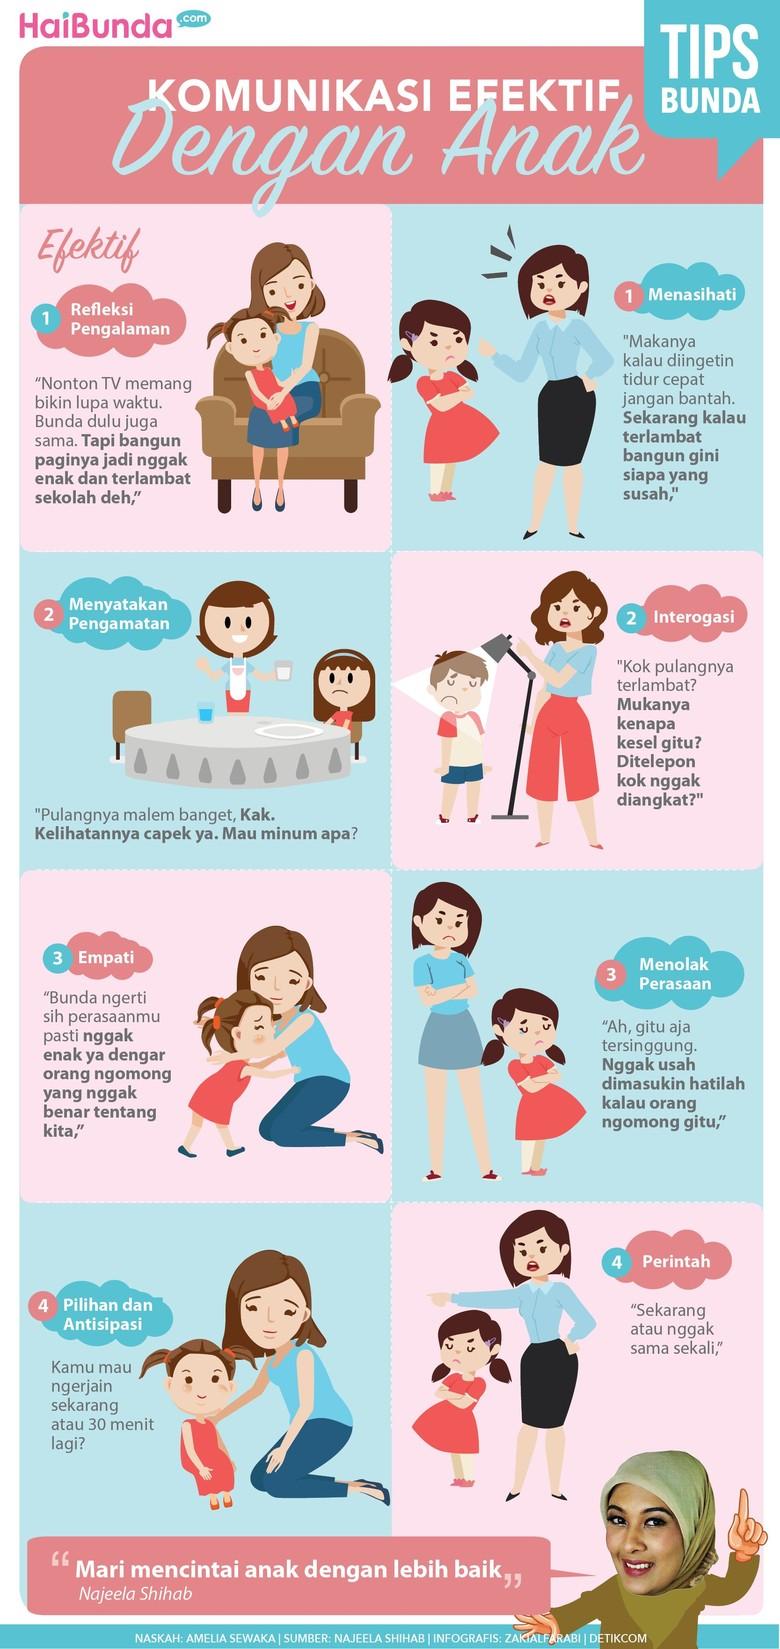 Cara Komunikasi yang Efektif dengan Anak/Foto: Infografis